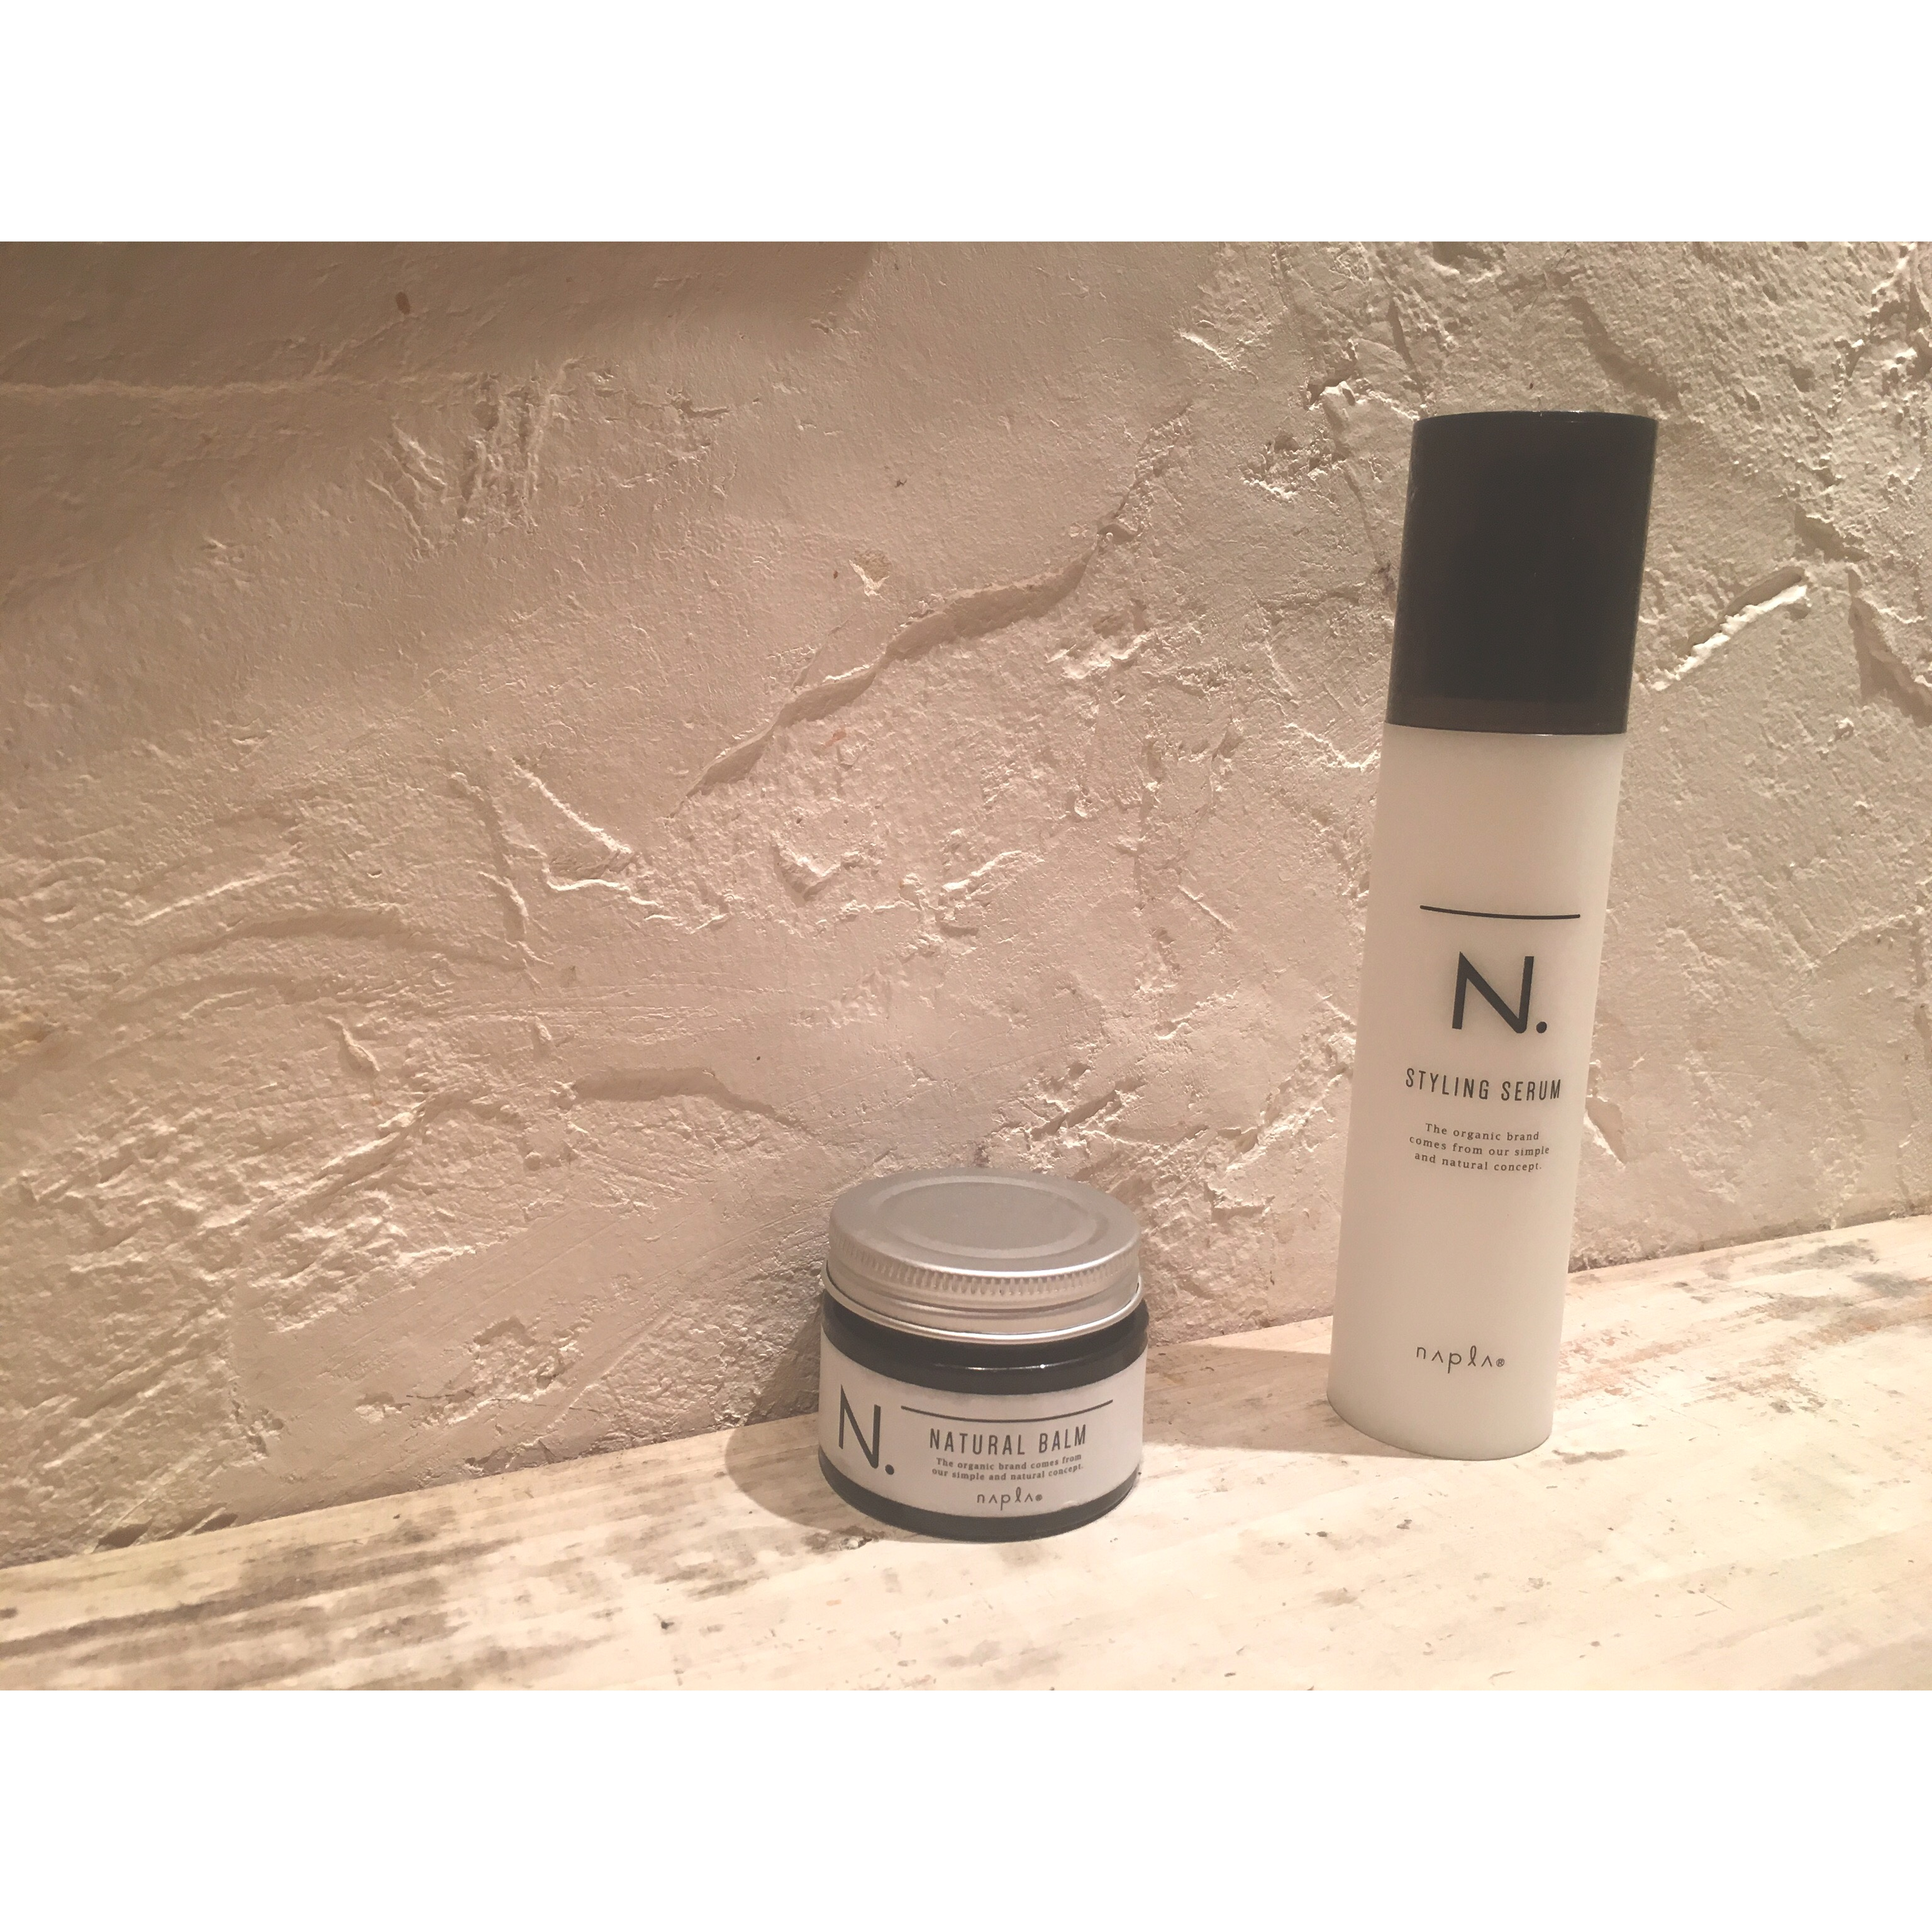 おすすめスタイリング剤ナプラの『N.』エヌドット